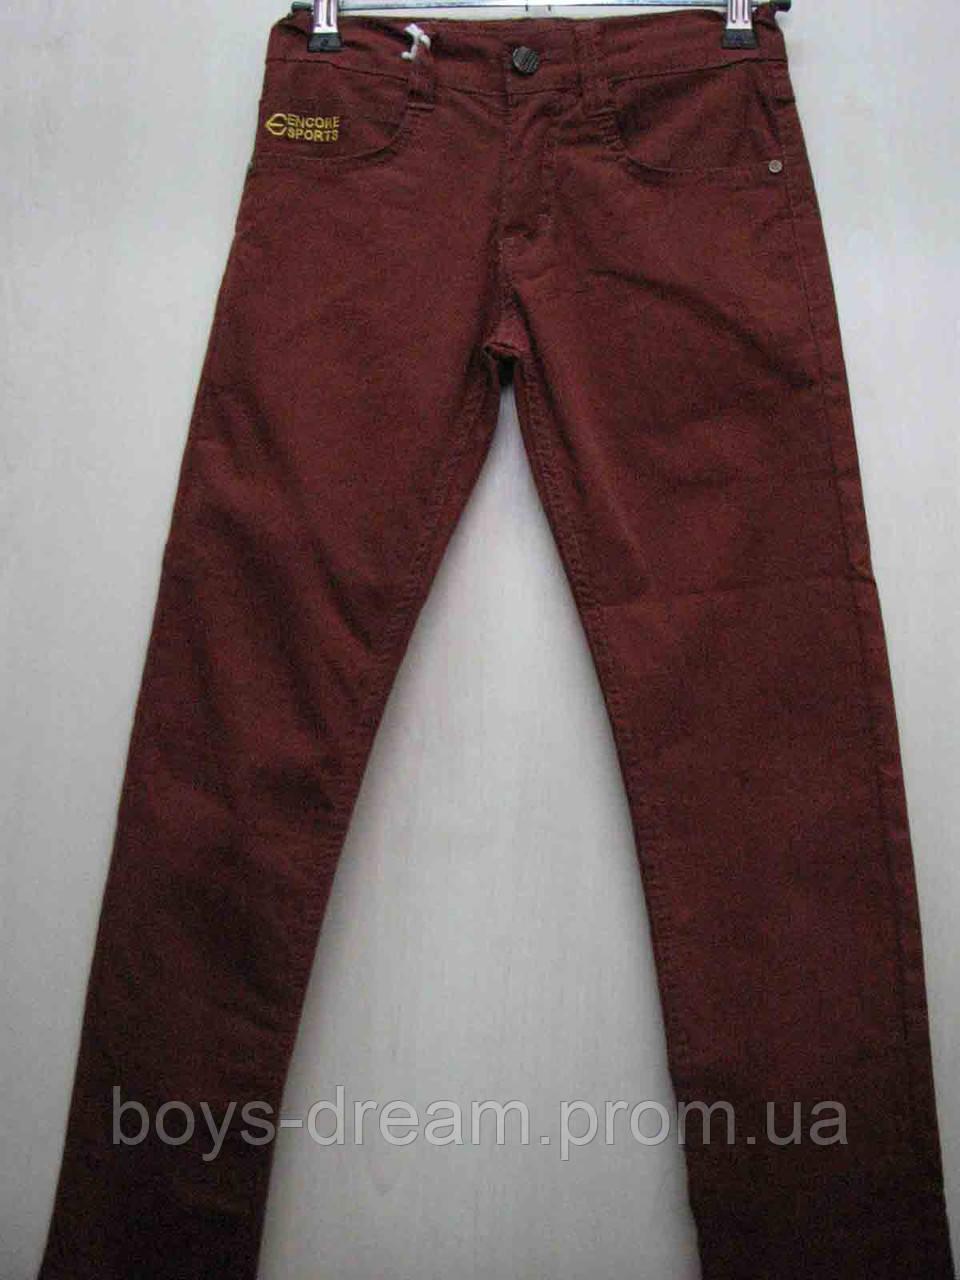 Цветные джинсы для мальчика (Турция)(128)